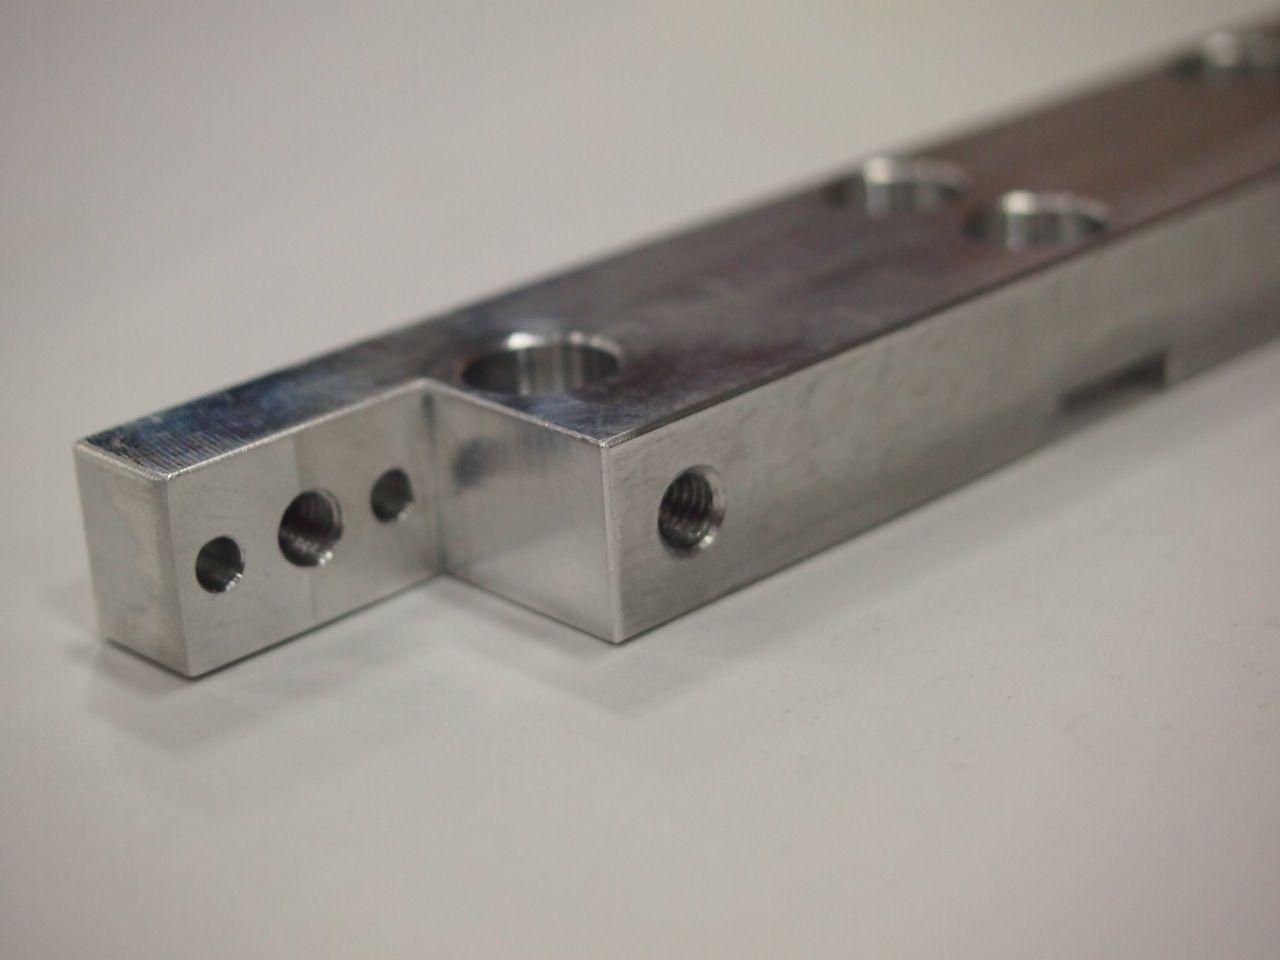 CNC Milled Part - Material: 6061 Aluminum